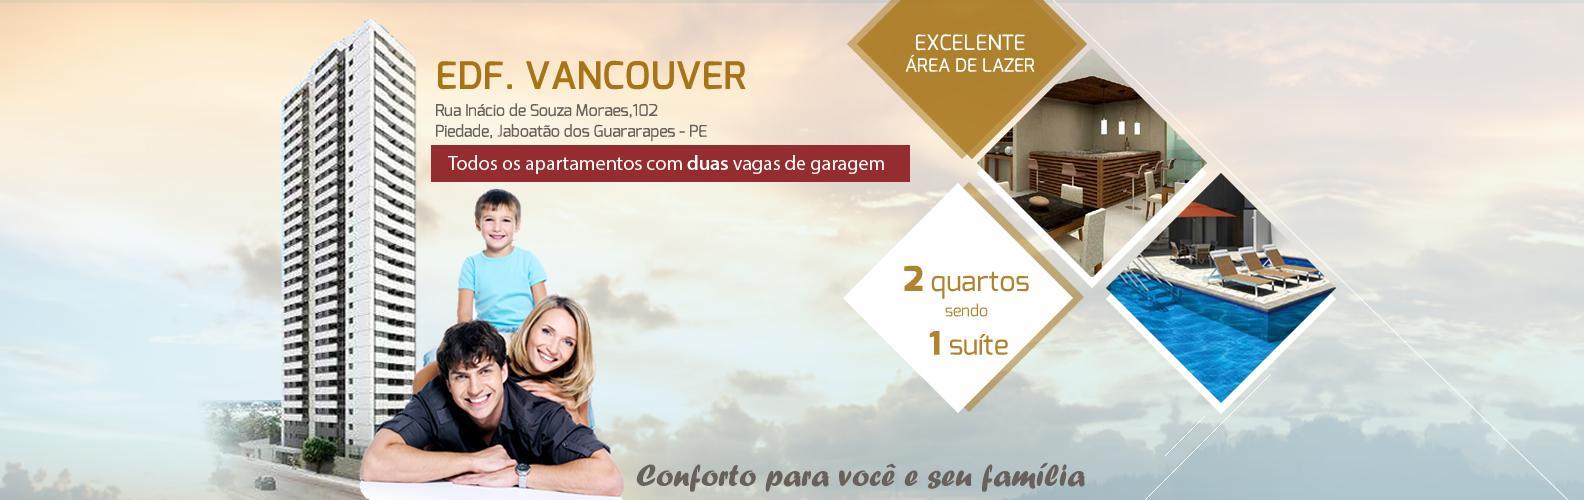 EDF. VANCOUVER